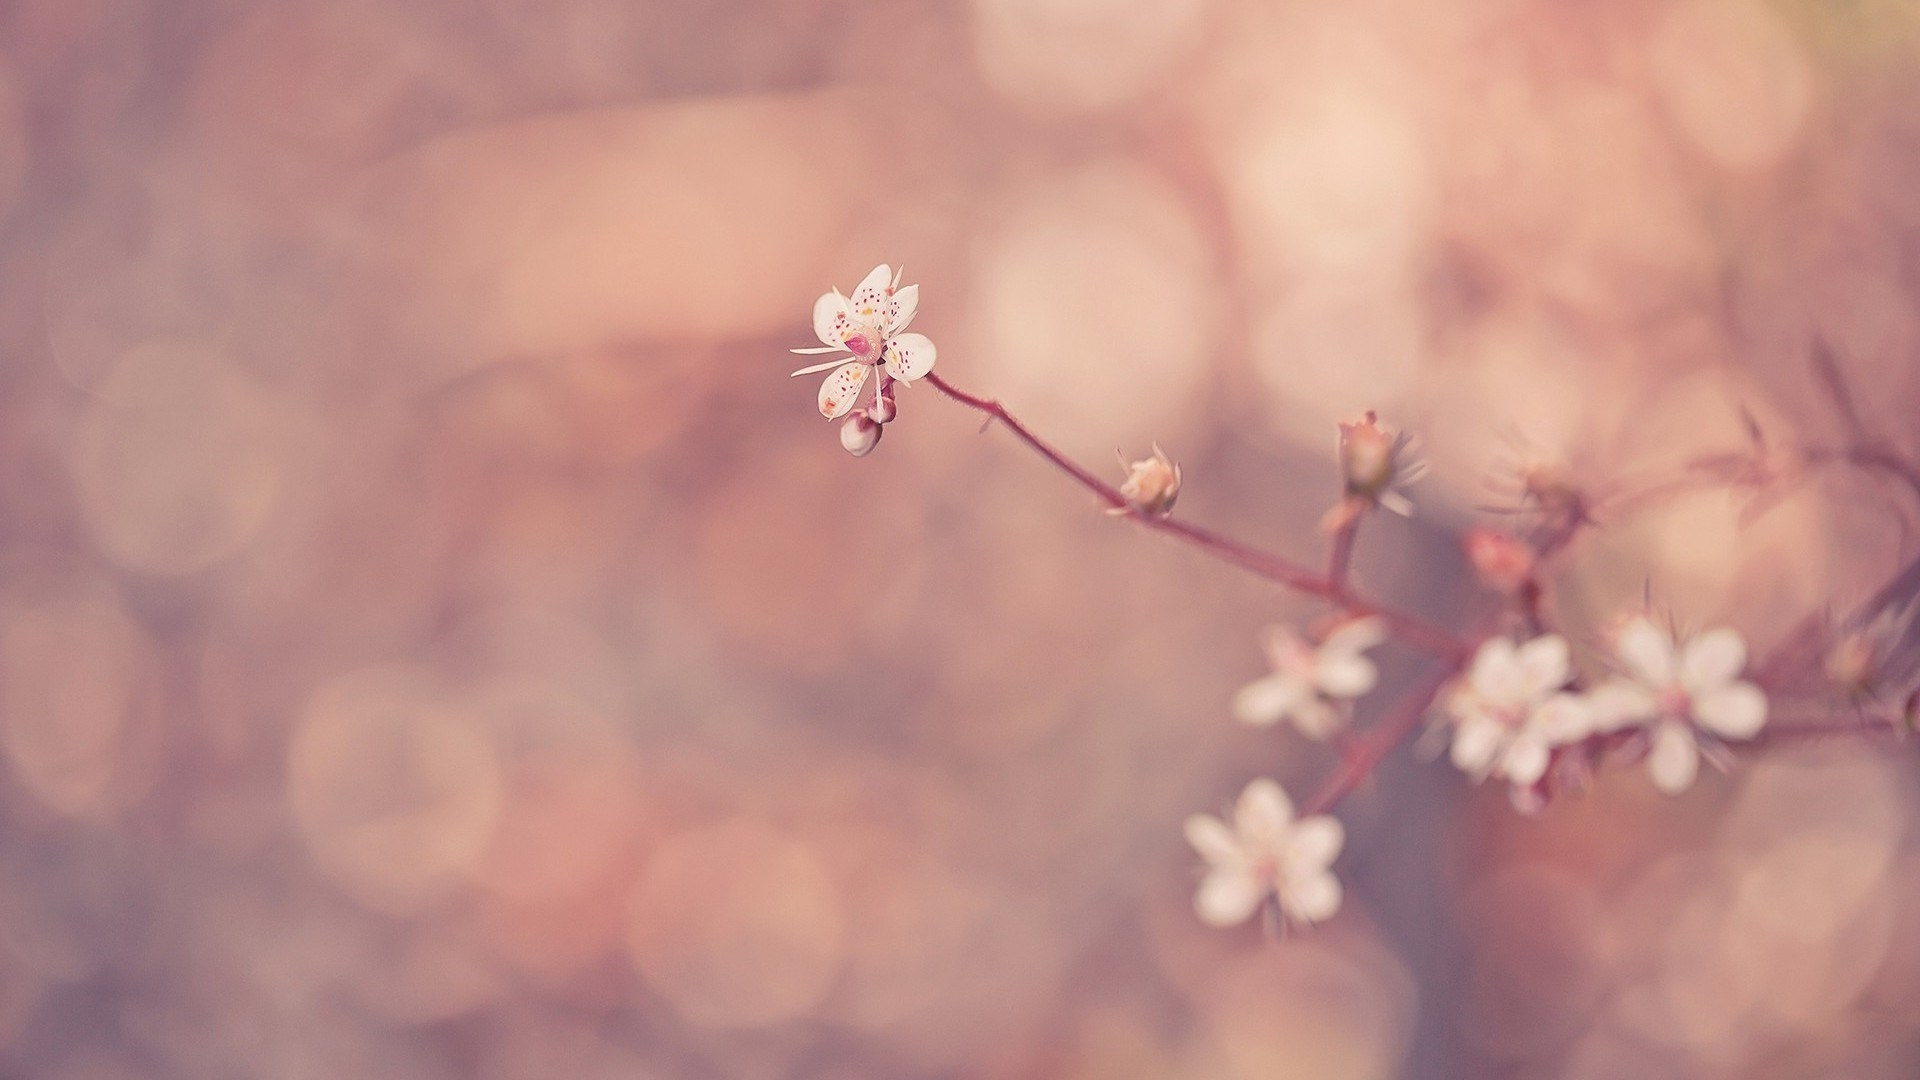 flower wallpaper tumblr 13